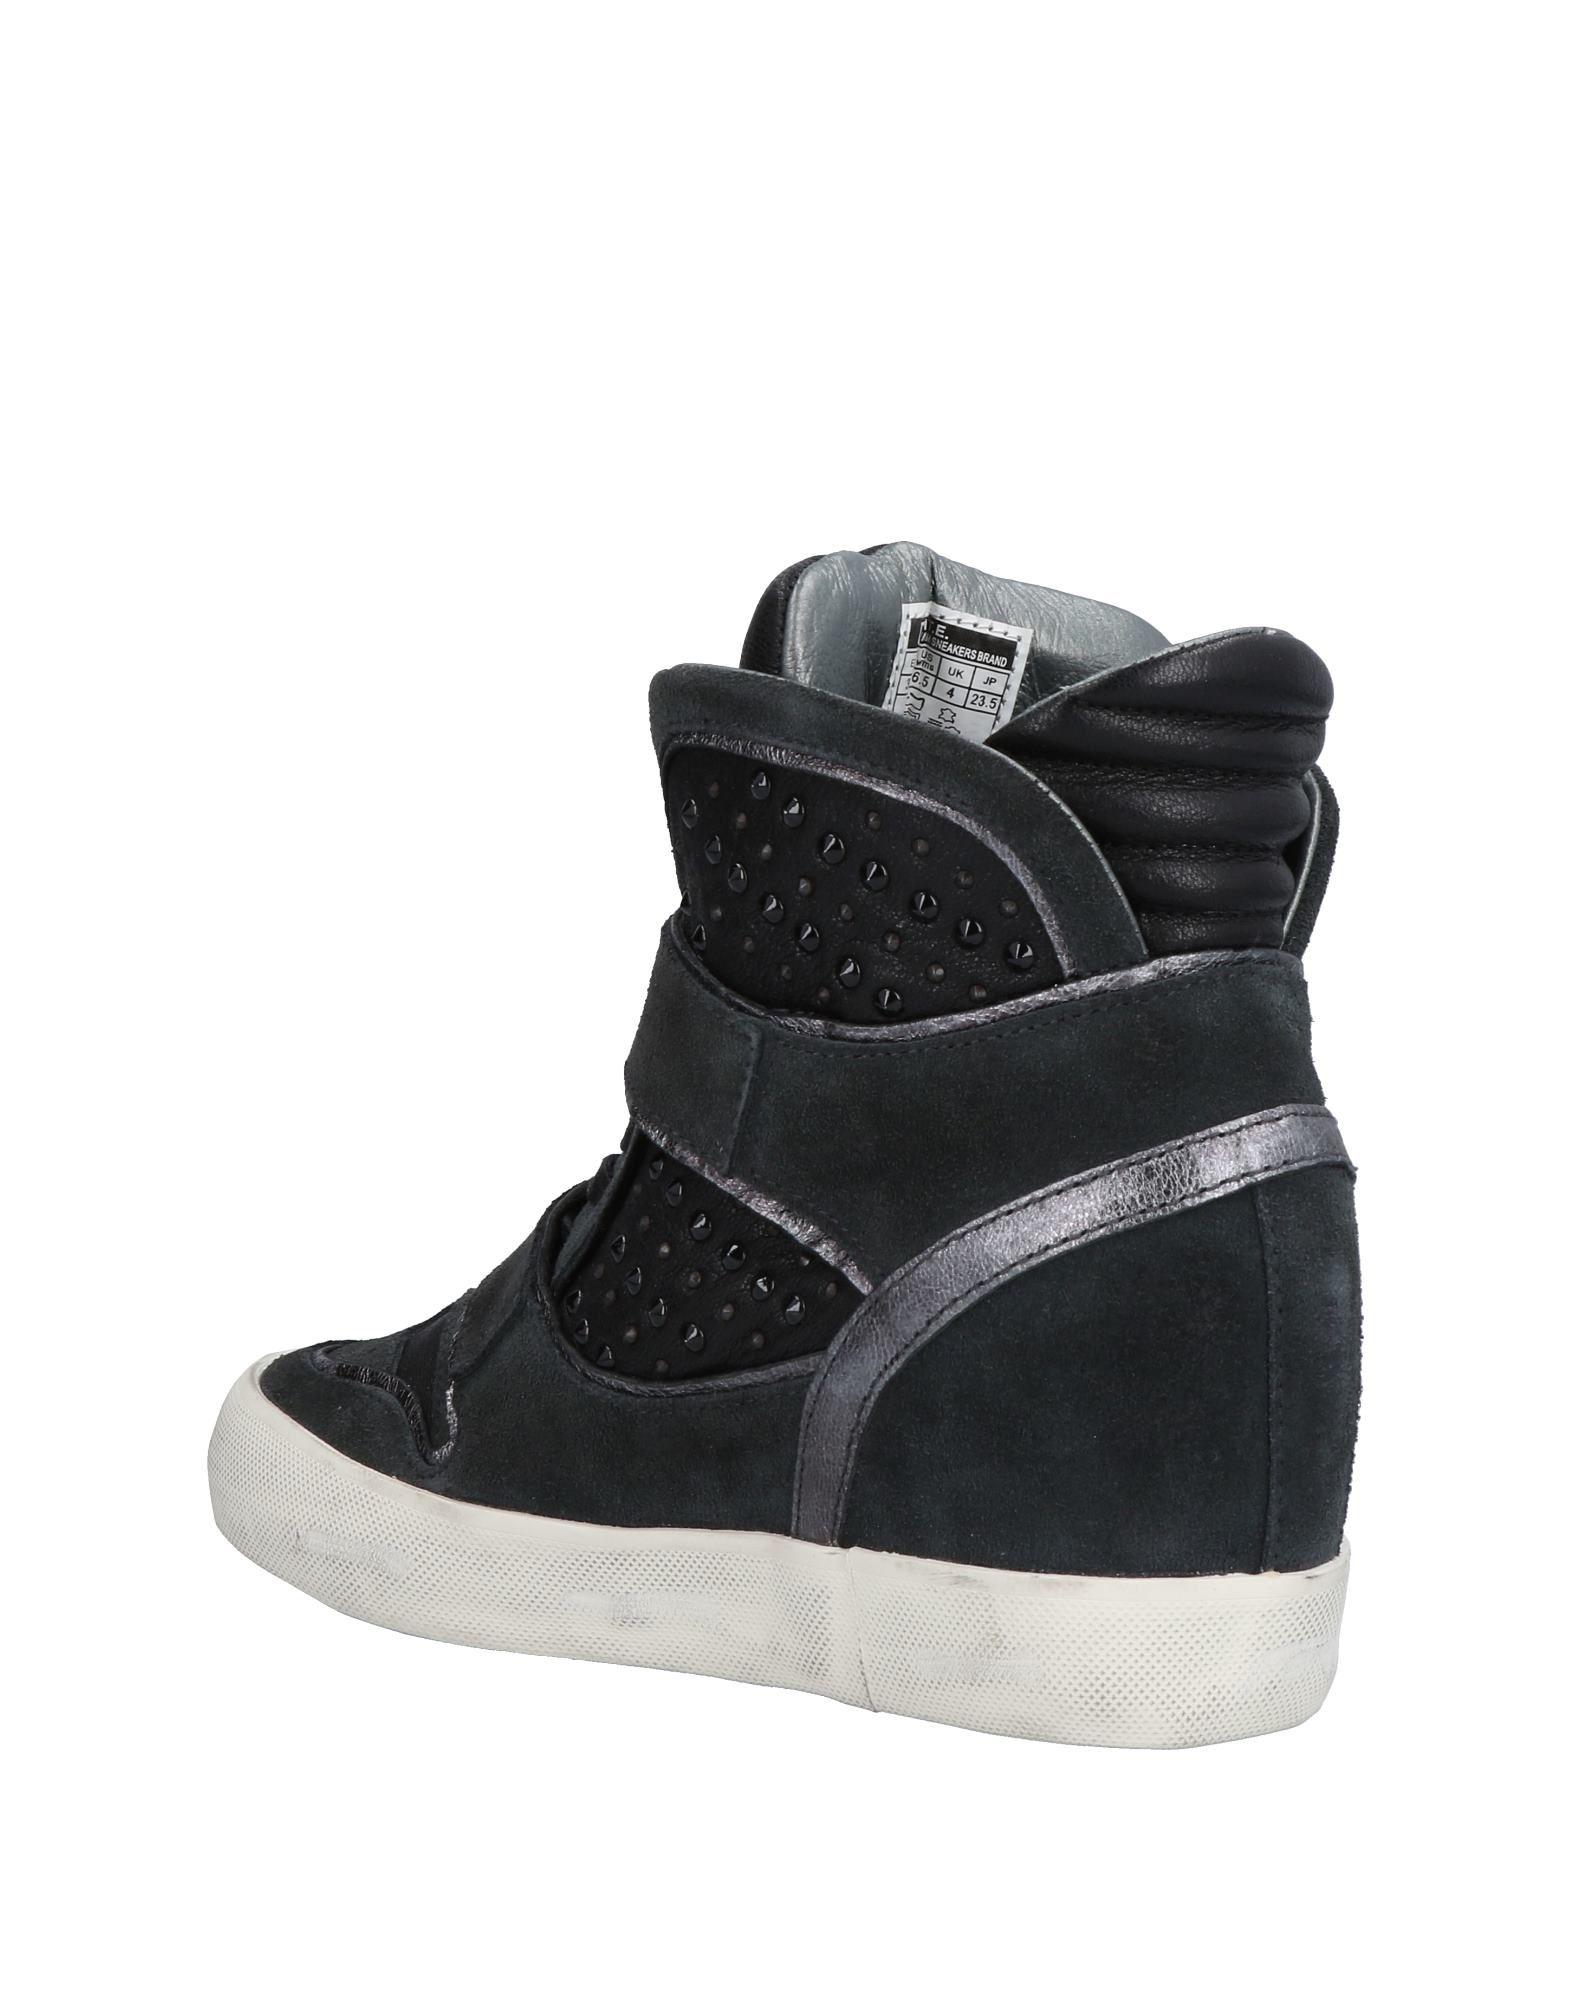 D.A.T.E. Sneakers Damen Qualität  11476373KL Gute Qualität Damen beliebte Schuhe 3ca7fd